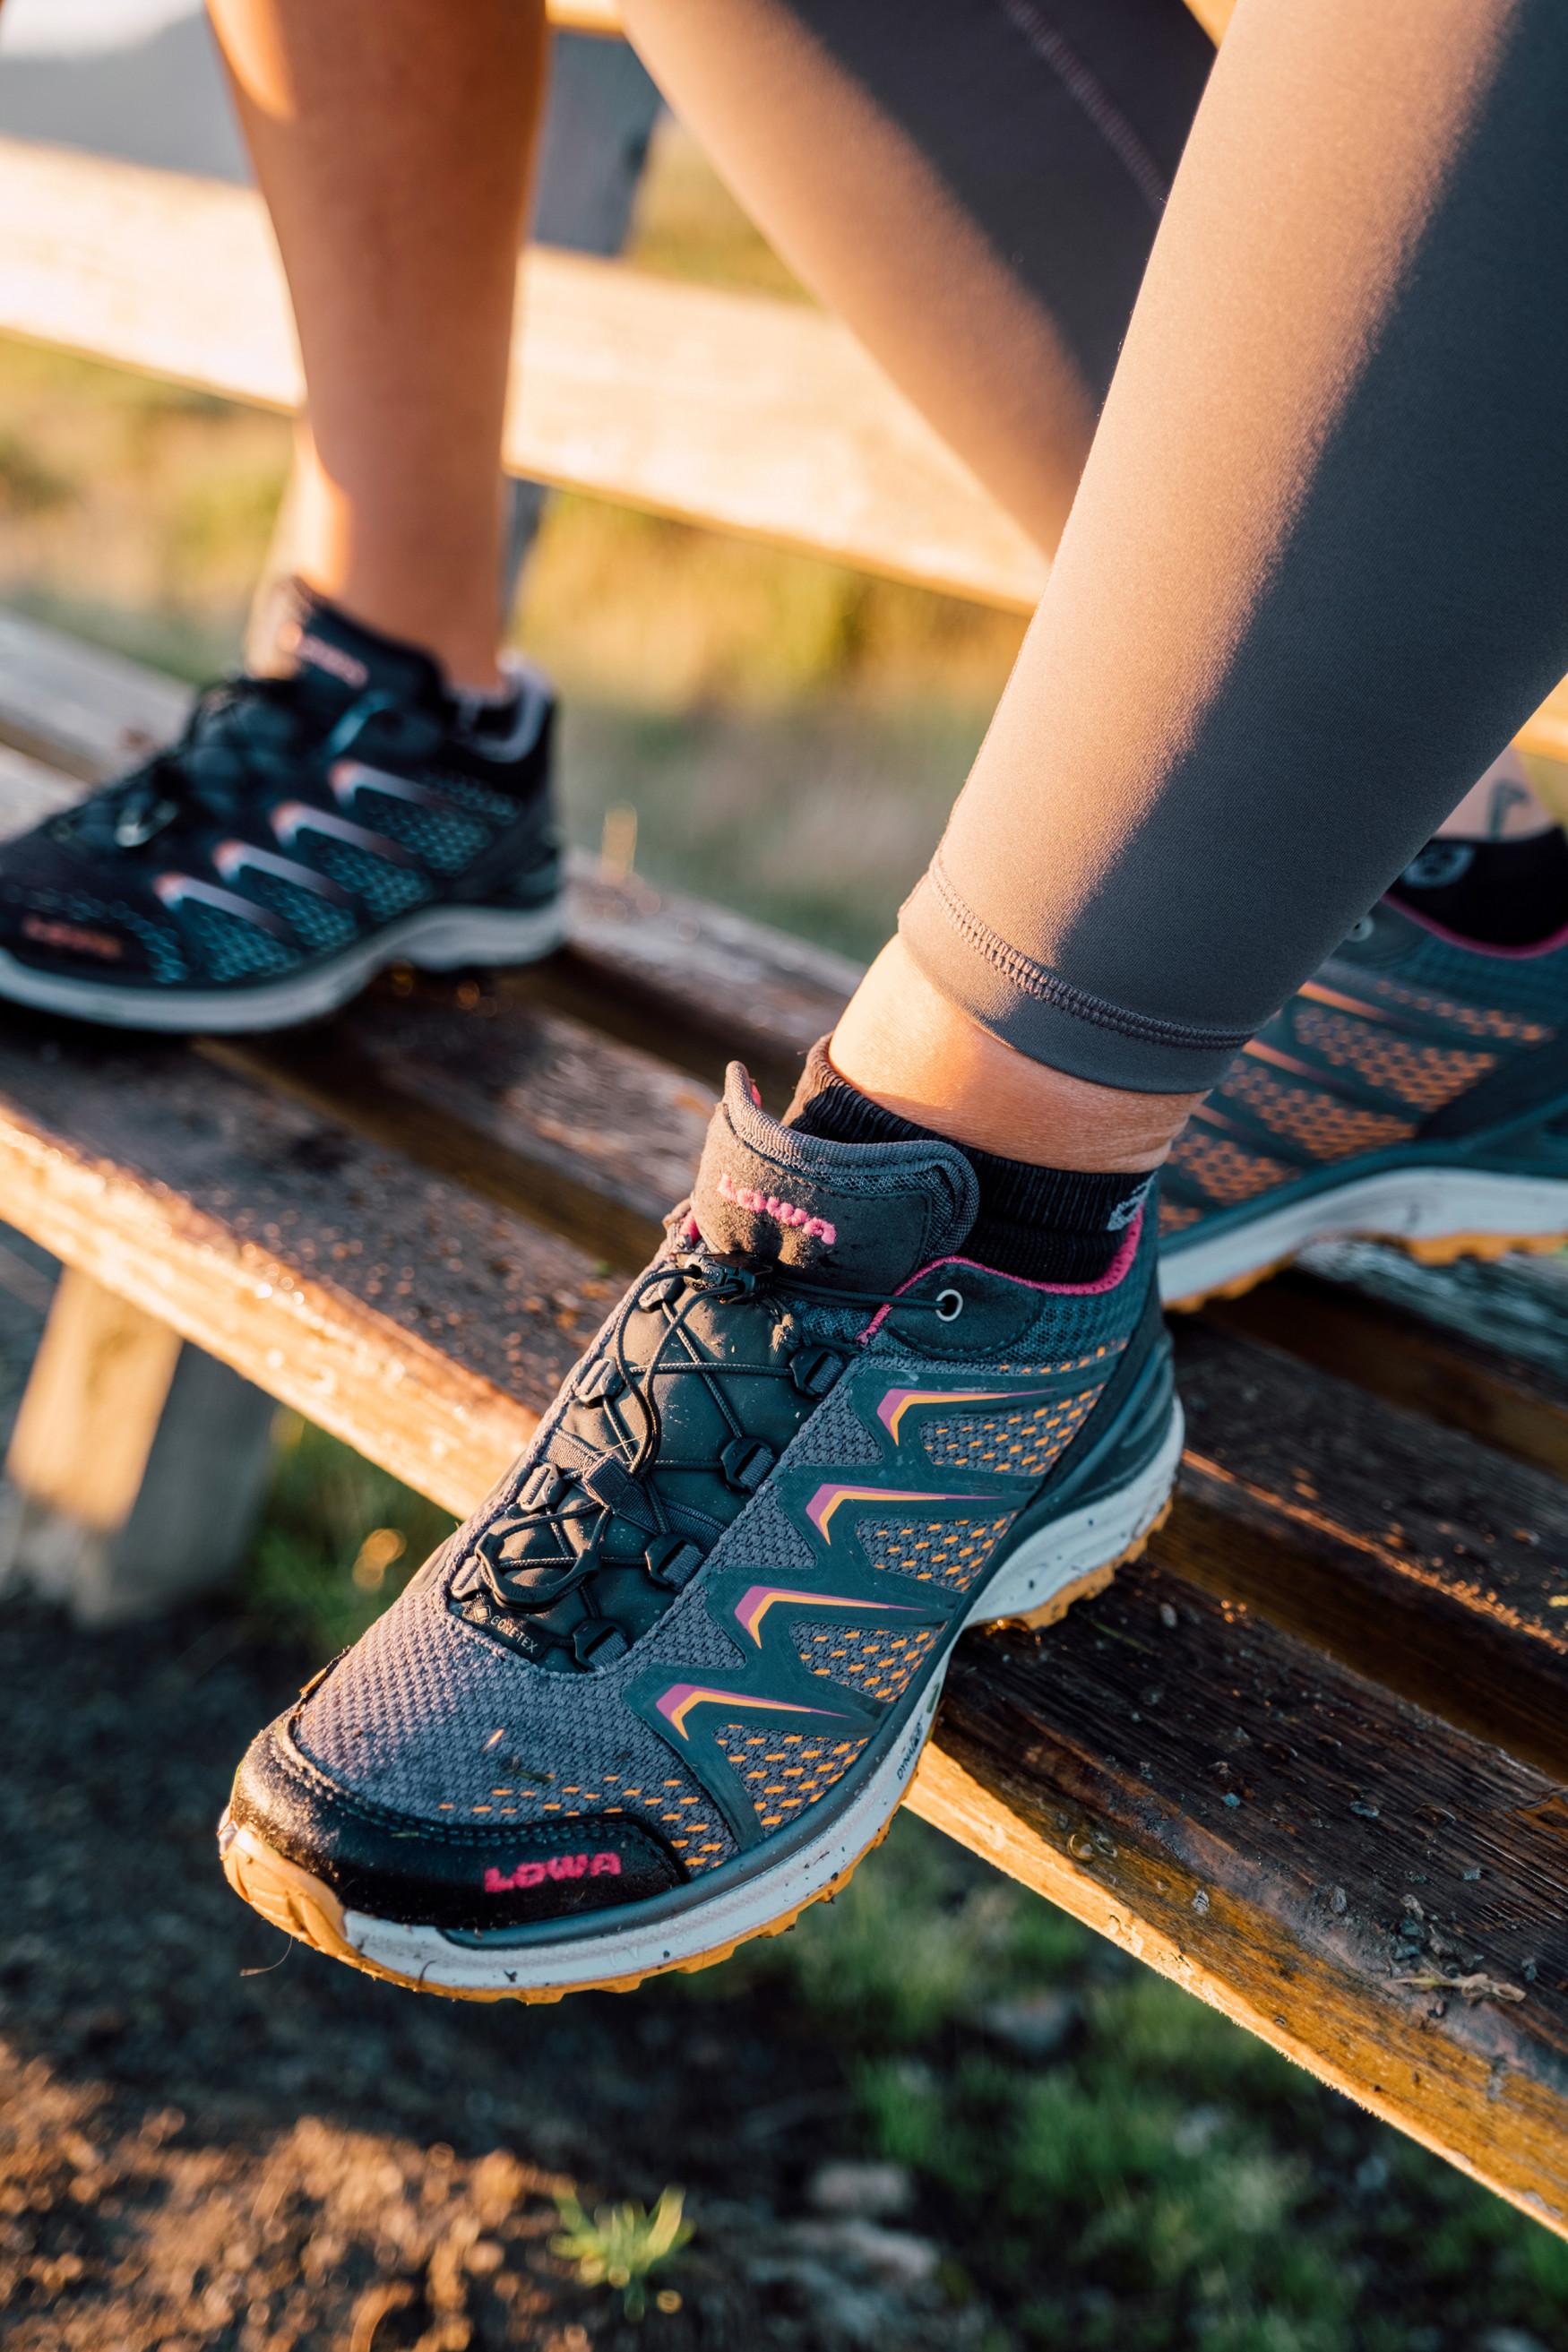 Met de luchtige, lichte en waterdichte multifunctionele schoen MADDOX GTX LO Ws voor vrouwen voelen avonturiers zich thuis op elk terrein – op outdoorvakantie en in de vrije tijd. Met de praktische speed-lacetechnologie kan de sportschoen snel en gemakkelijk worden aangepast aan individuele behoeften, terwijl het GORE-TEX-membraan zorgt voor droog blijvende voeten.